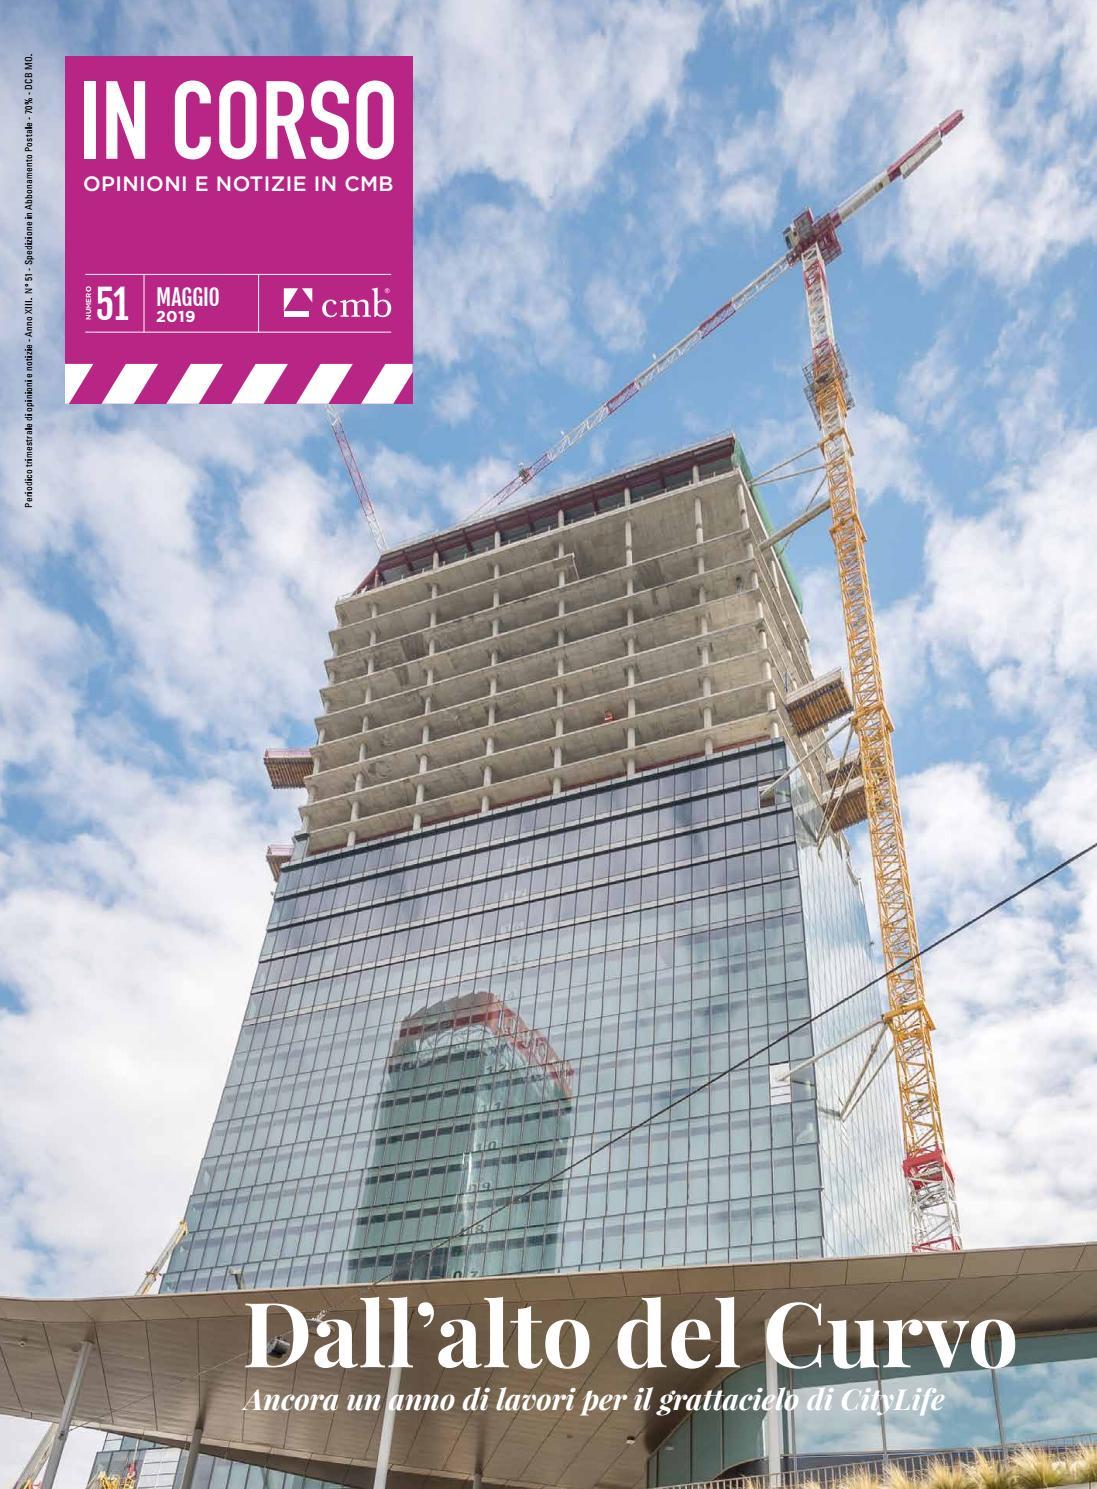 Facile Ristrutturare Opinioni Architetti incorso #51 - opinioni e notizie in cmb by cmb